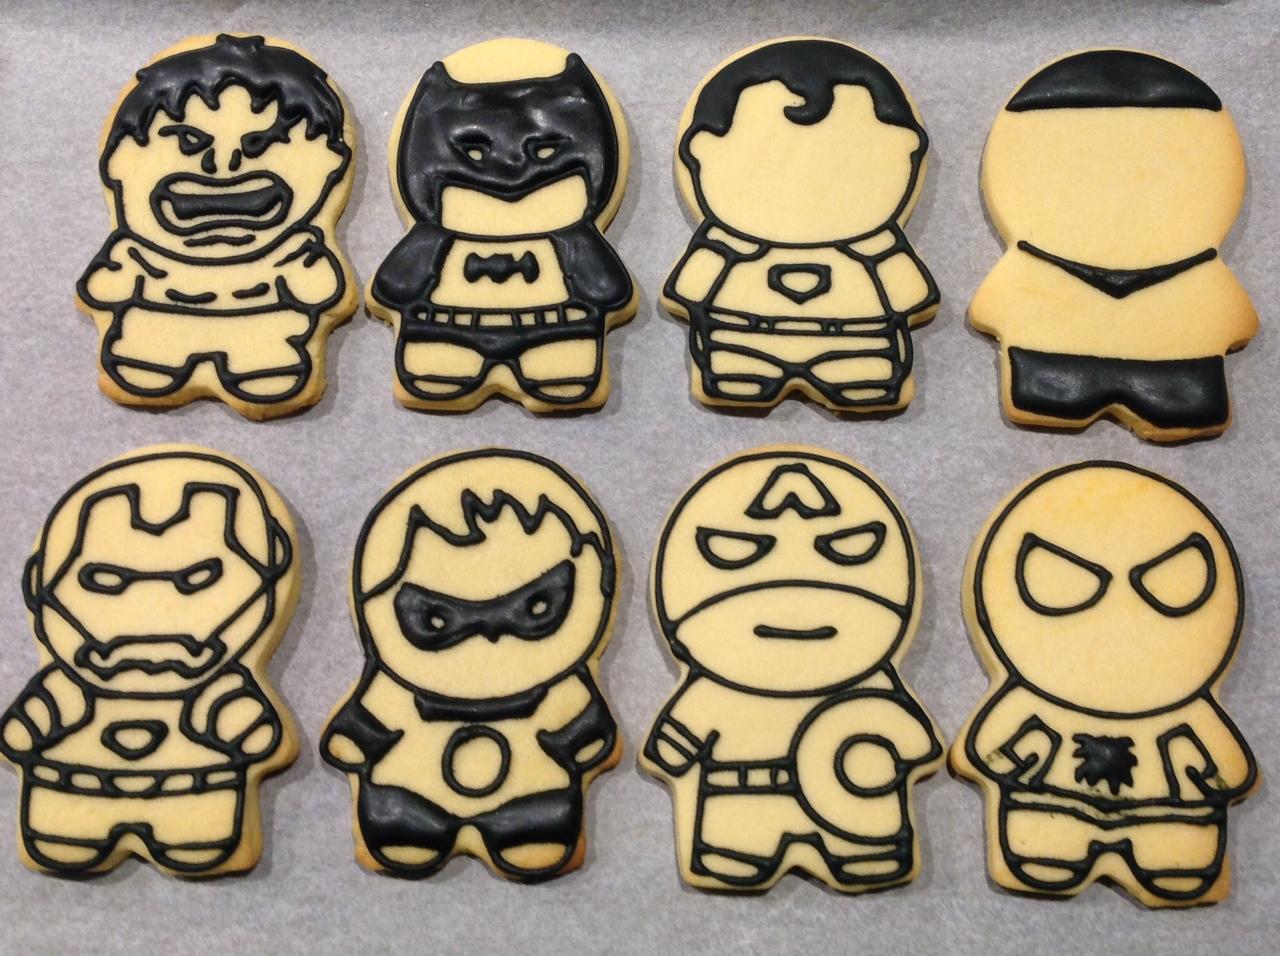 Character Person Cookie Cutter Handmade Cuttercraft